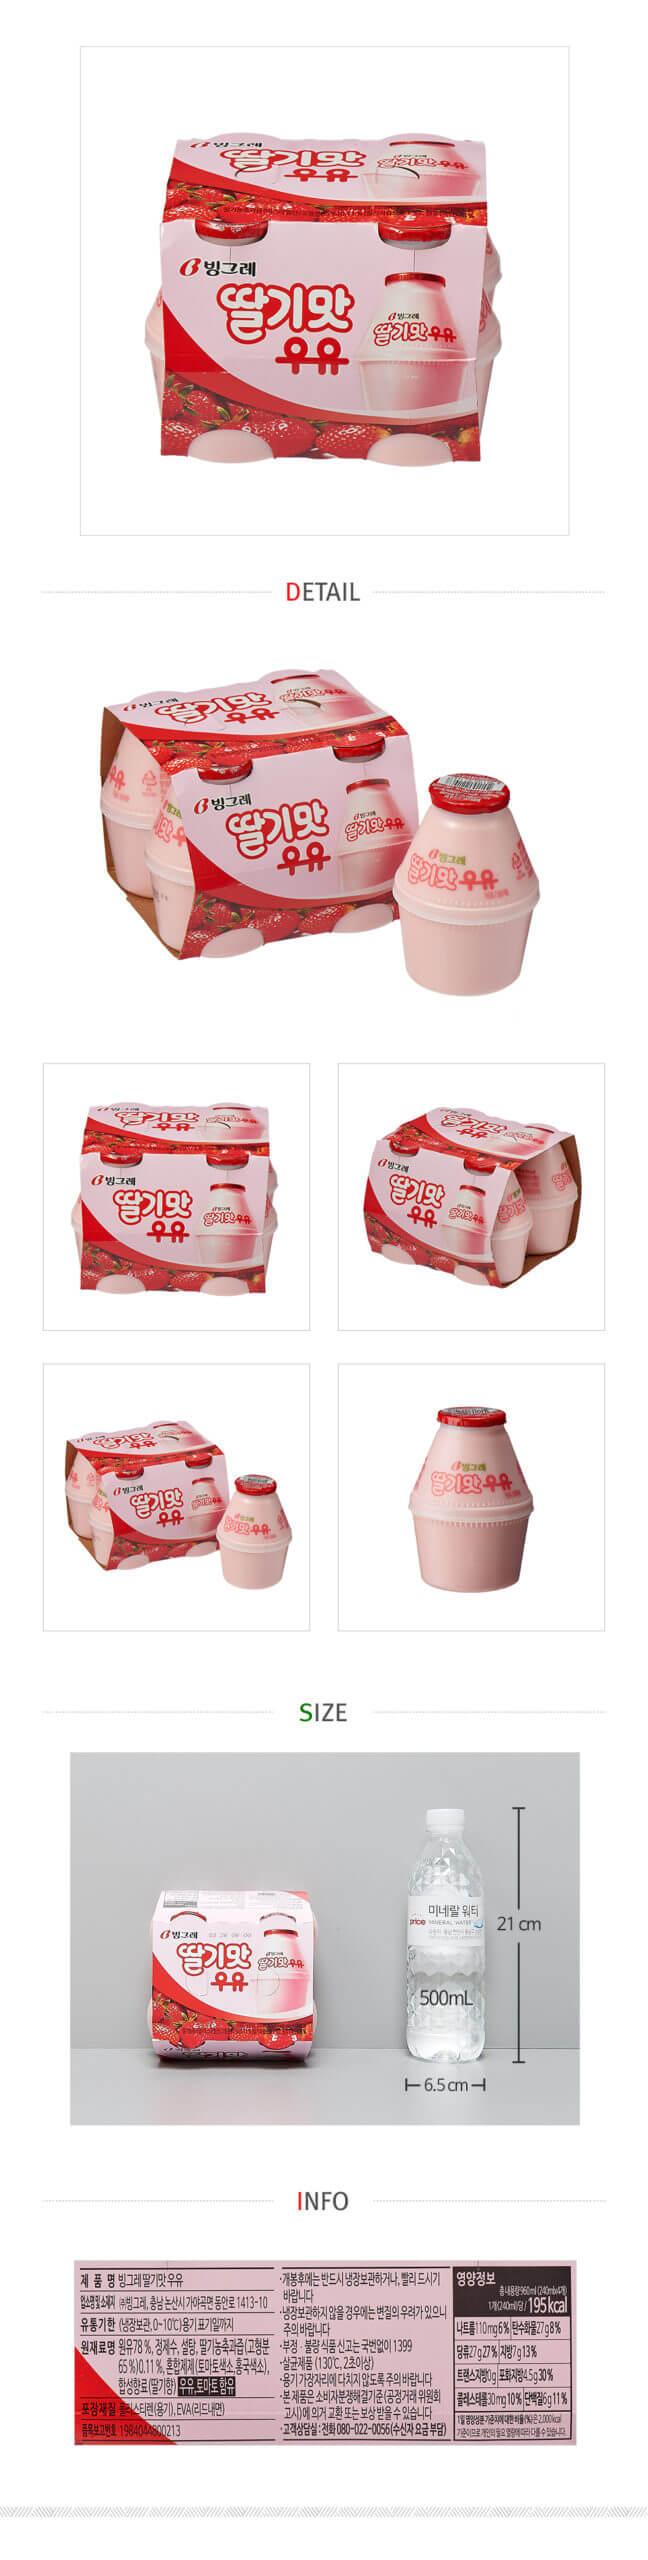 韓國食品-[Binggrae] Strawberry Flavored Milk 240ml